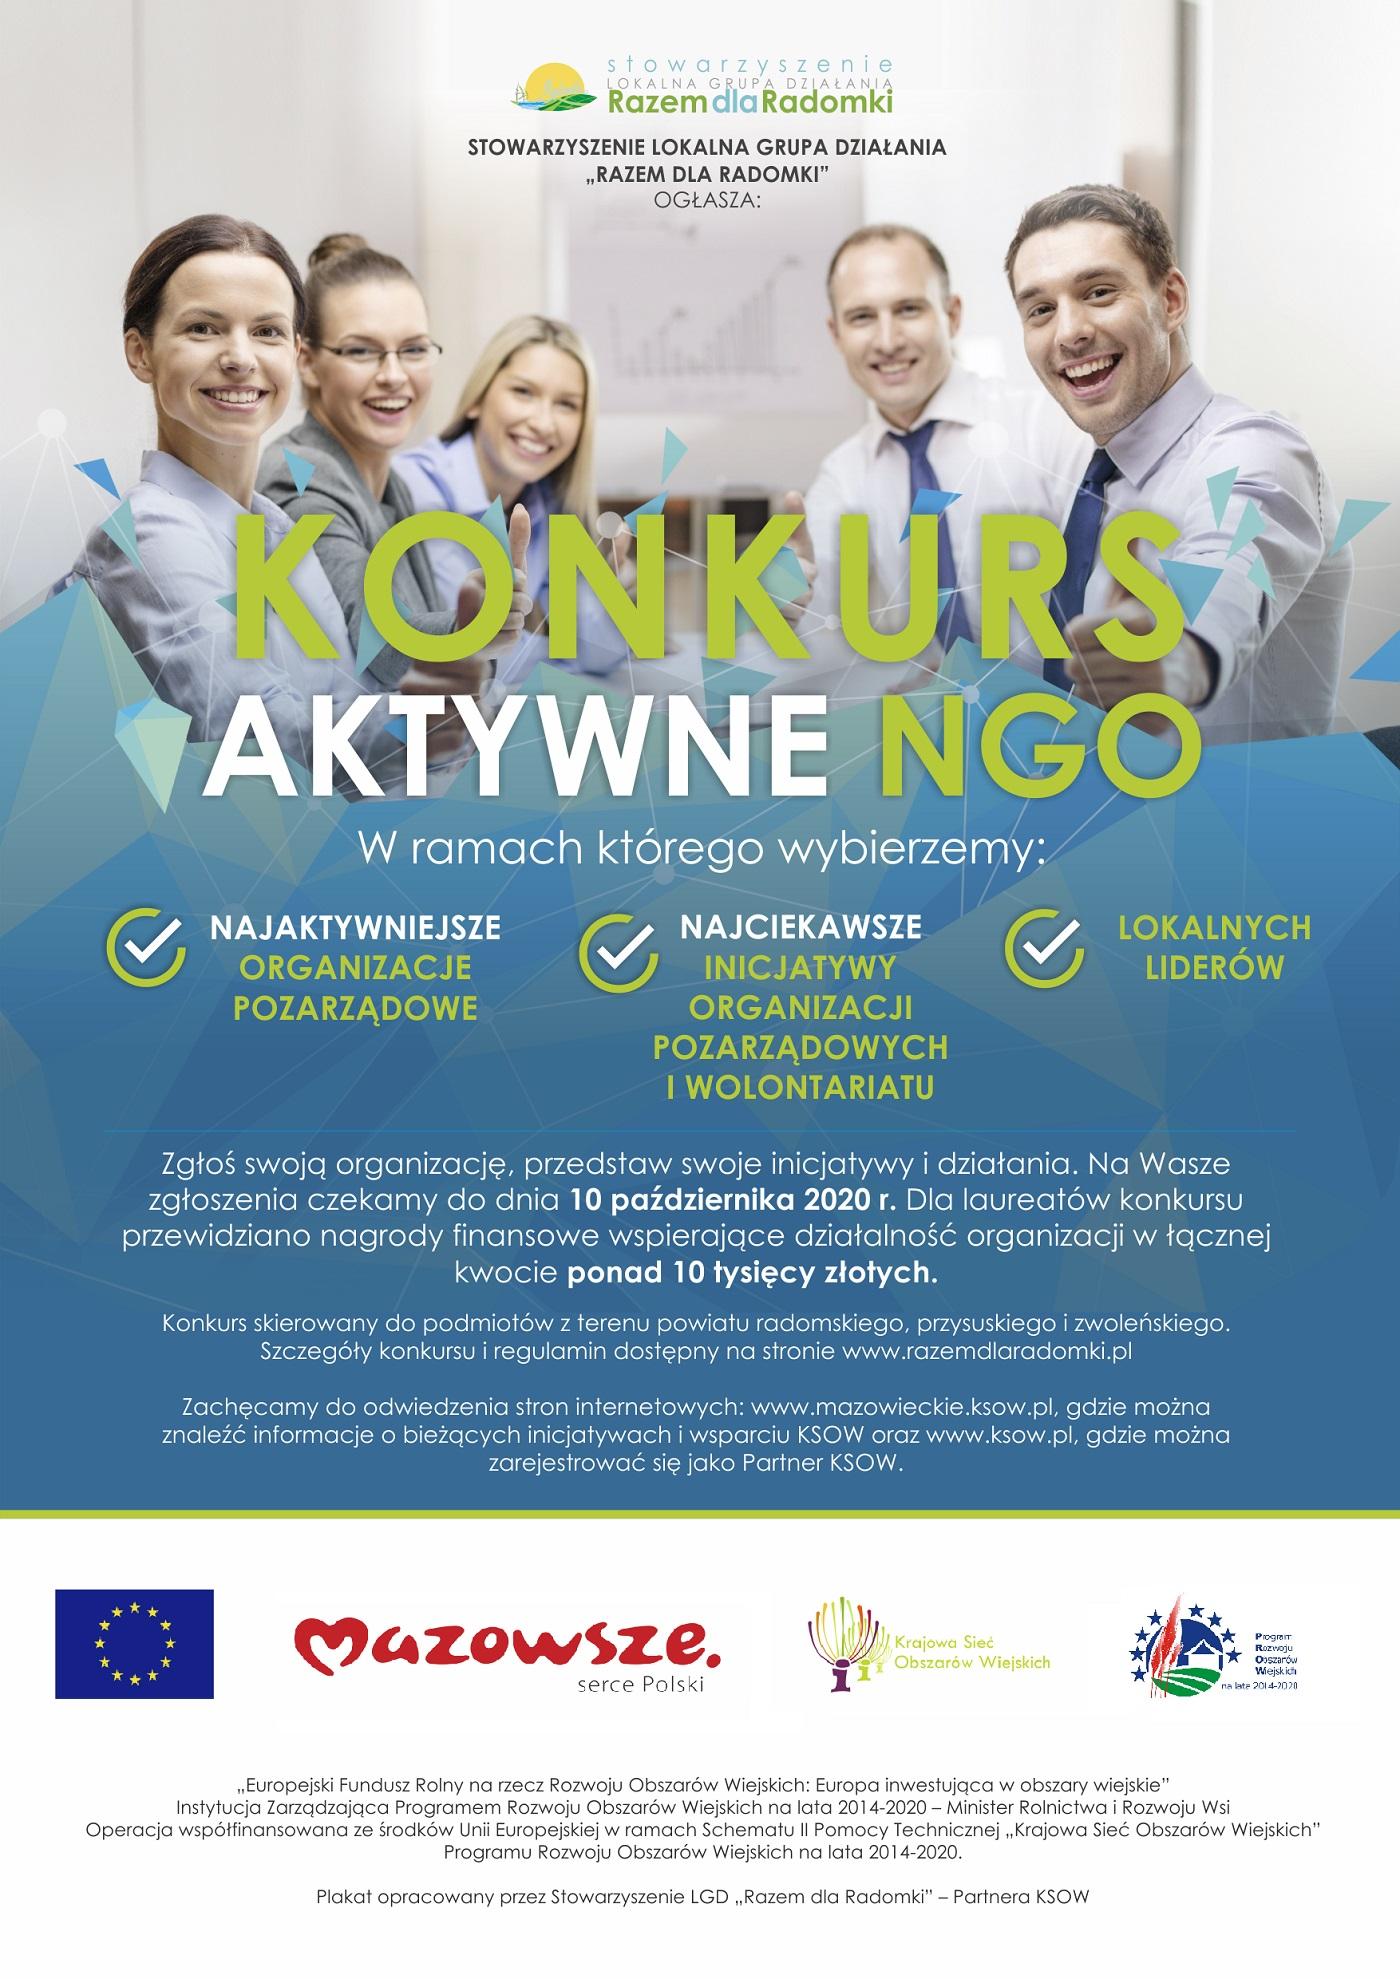 Konkurs na najaktywniejsze organizacje pozarządowe, najaktywniejszych liderów i najciekawsze inicjatywy.